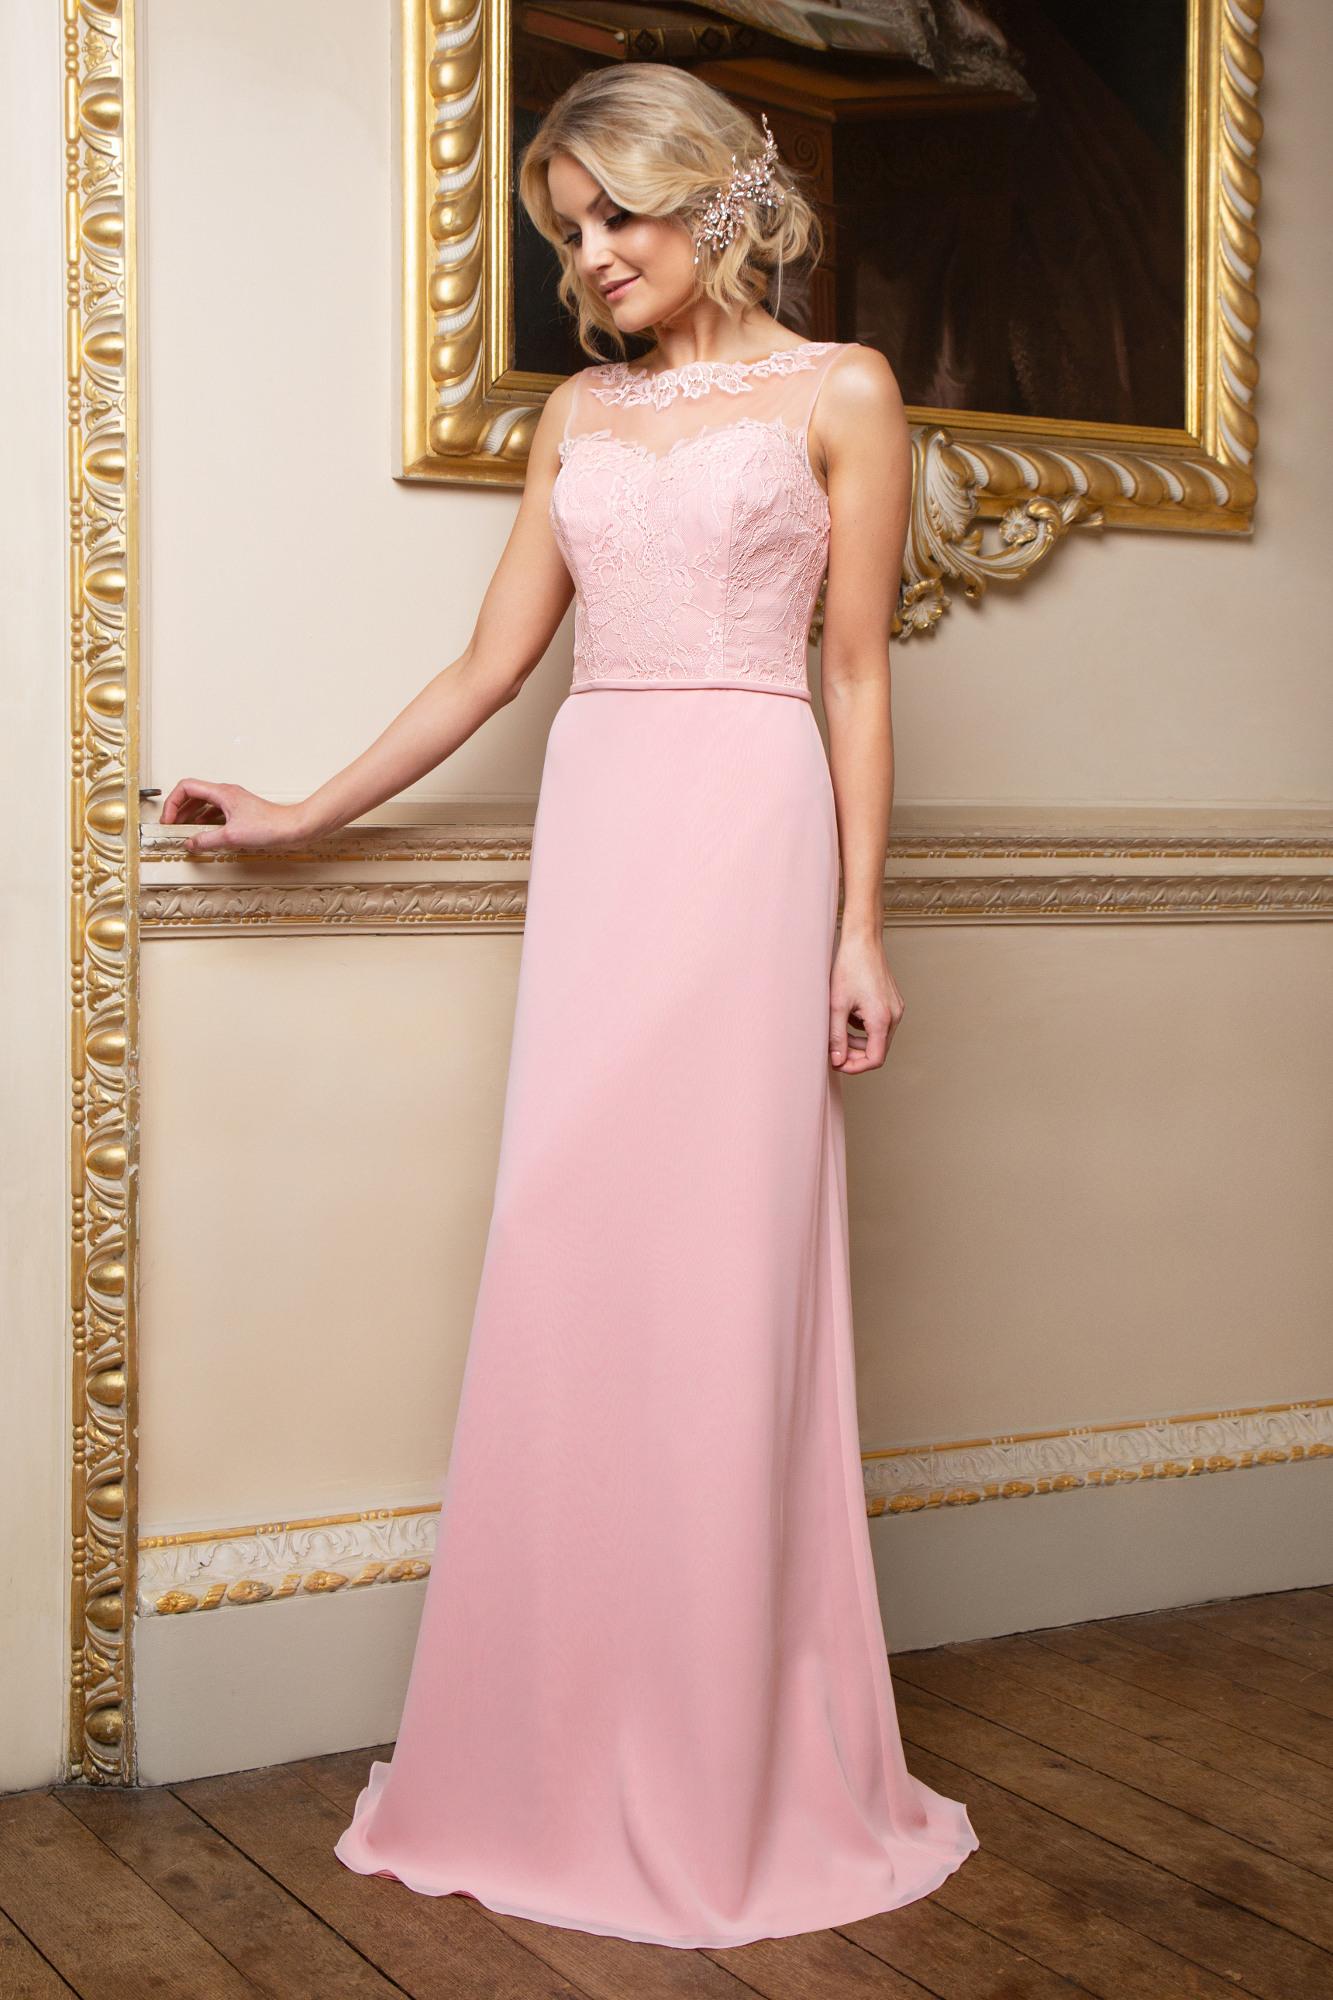 Abend Einfach Abend Kleid Lang Rosa für 201920 Fantastisch Abend Kleid Lang Rosa Stylish